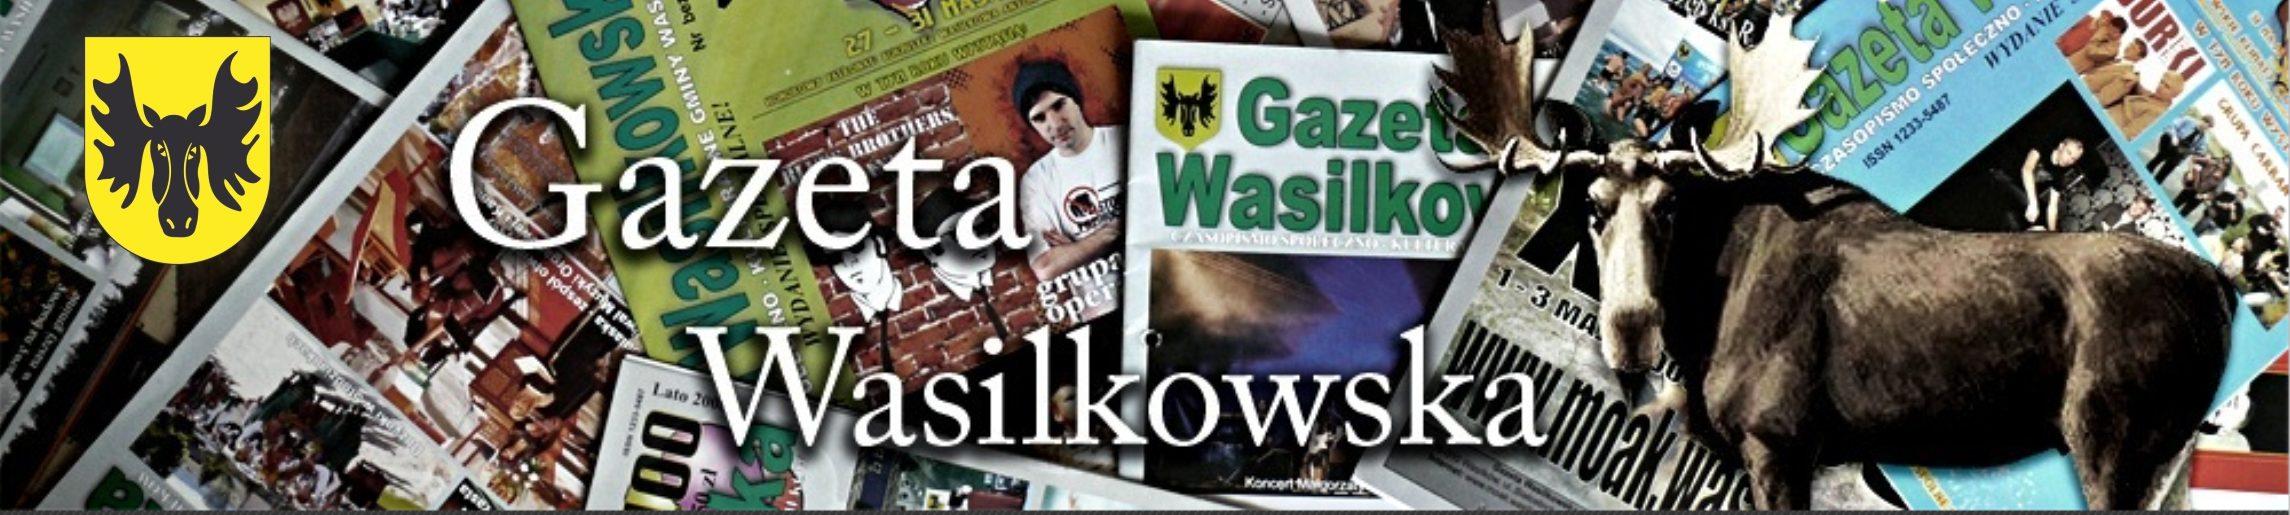 Gazeta Wasilkowska. Czasopismo Społeczno-Kulturalne Gminy Wasilków